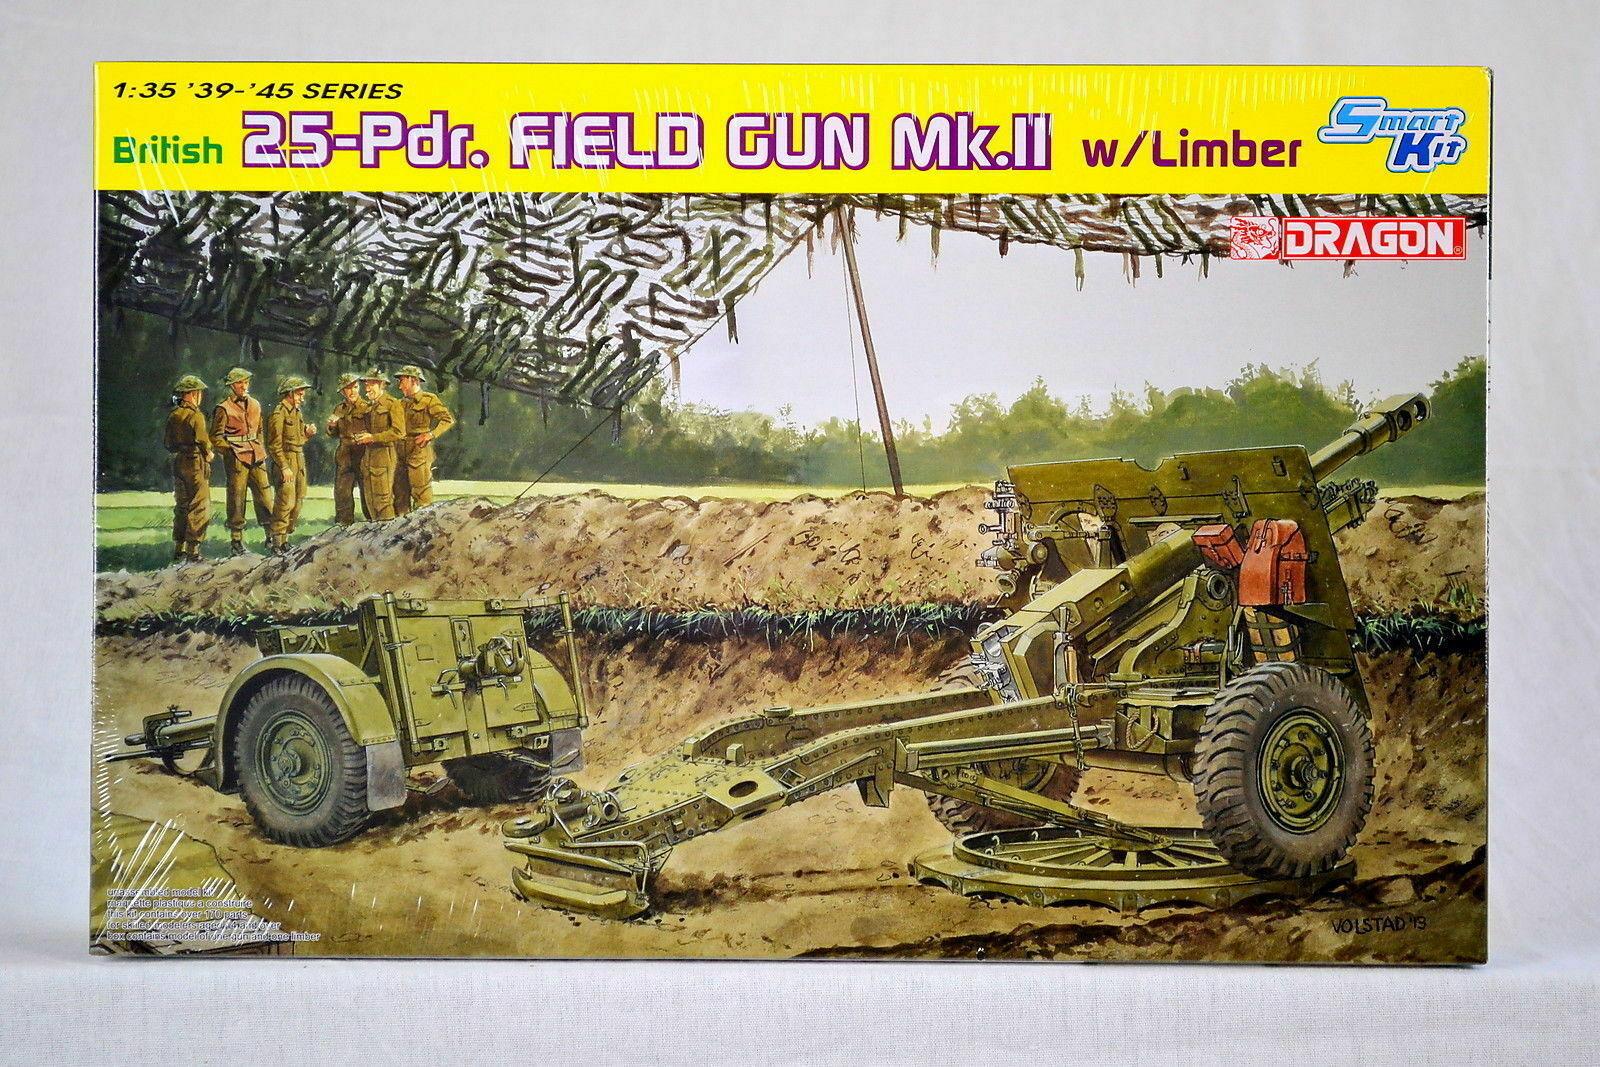 British 25Pdr Field Gun Mk.Ii W//Limber Dragon Kit 1:35 D6774 Smart Kit